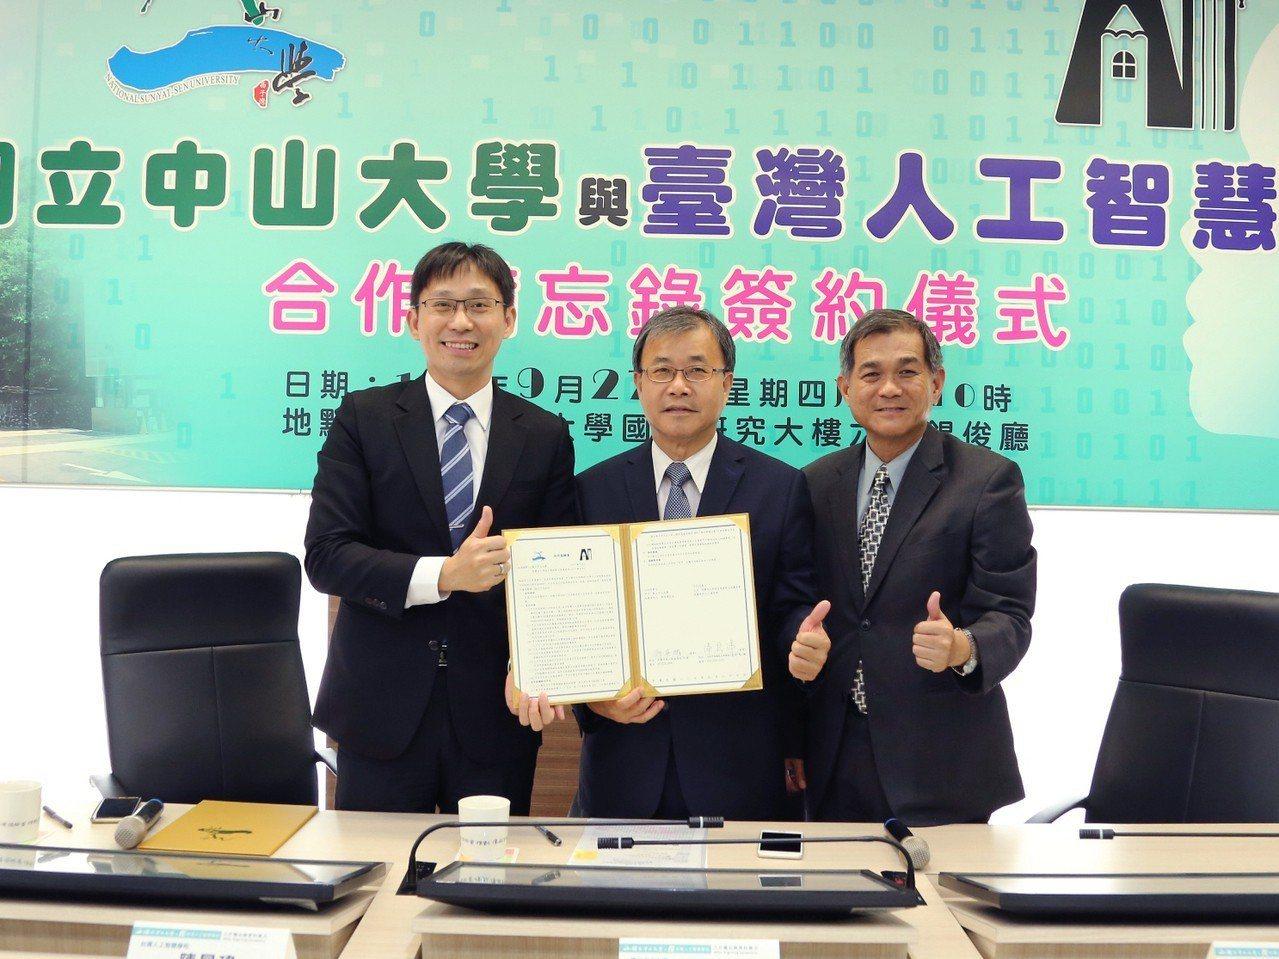 中山大學與台灣AI學校合組「AI軍師聯盟」,成立台灣AI學校南部分校,重要推手台...